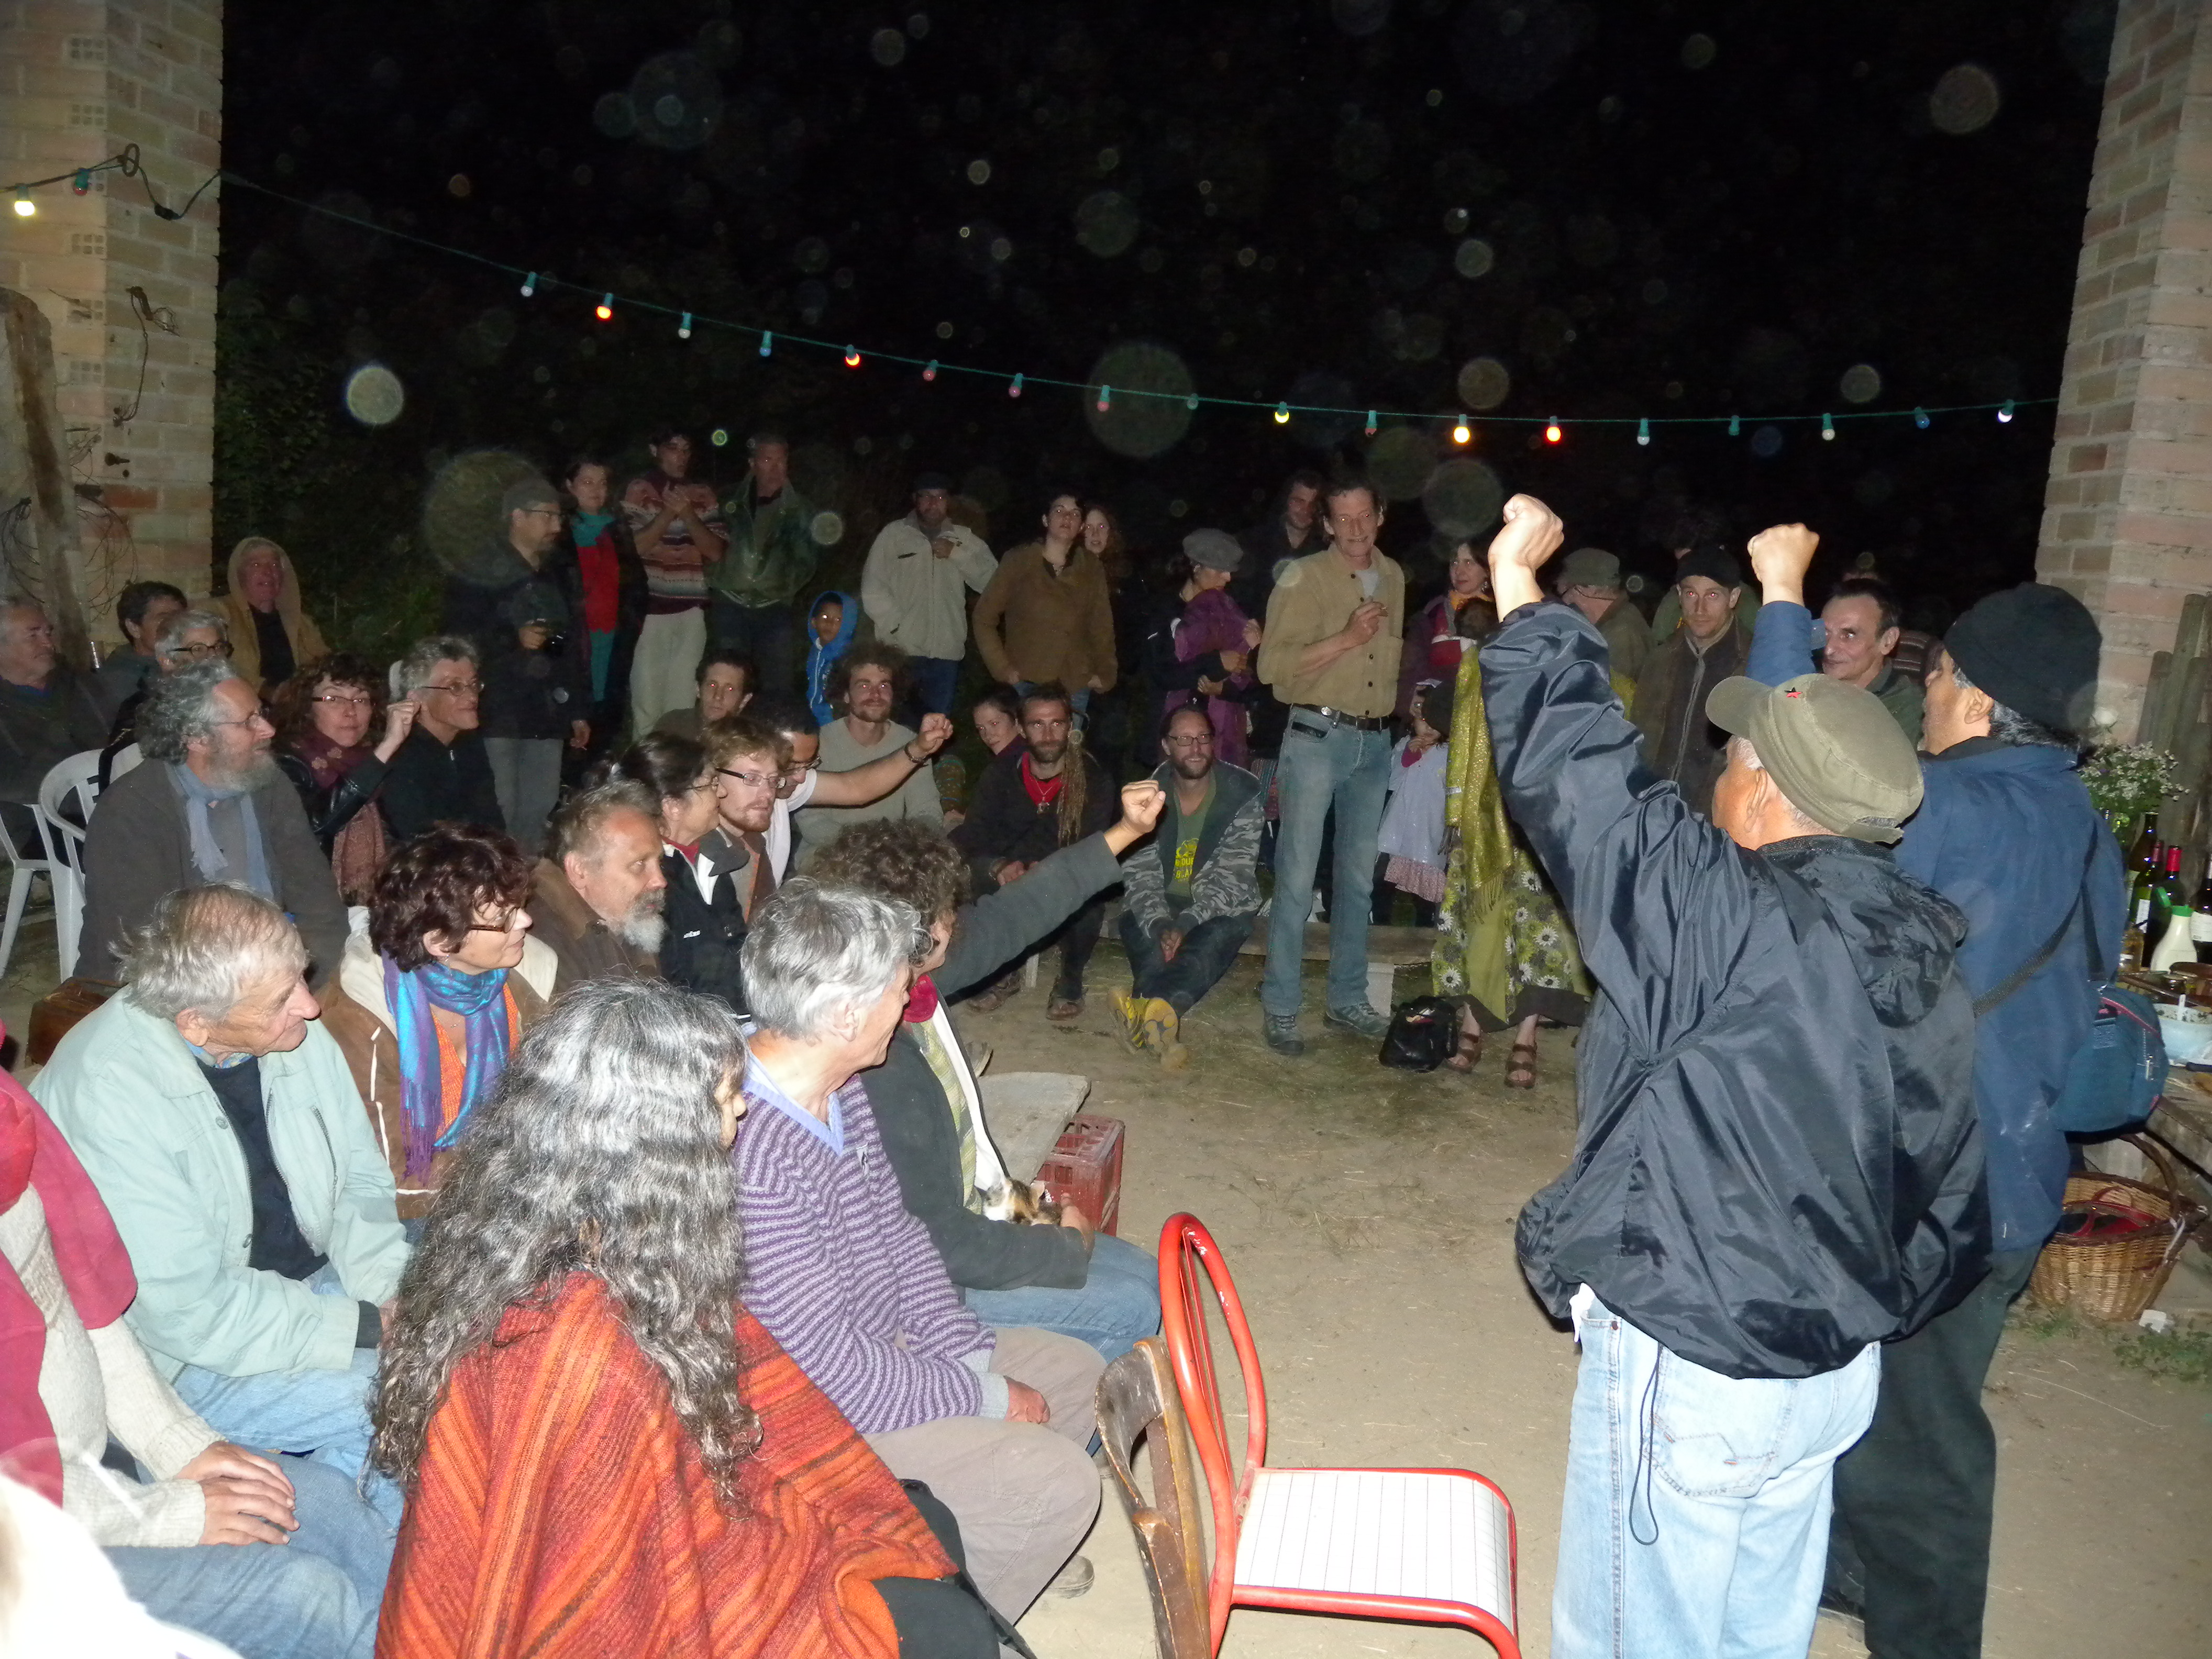 La asamblea de La Fontié, pueblo que recibió a una delegación del FPDT, en 2006, alza las manos en apoyo a la liberación del maestro tzotzil Alberto Patishtán.